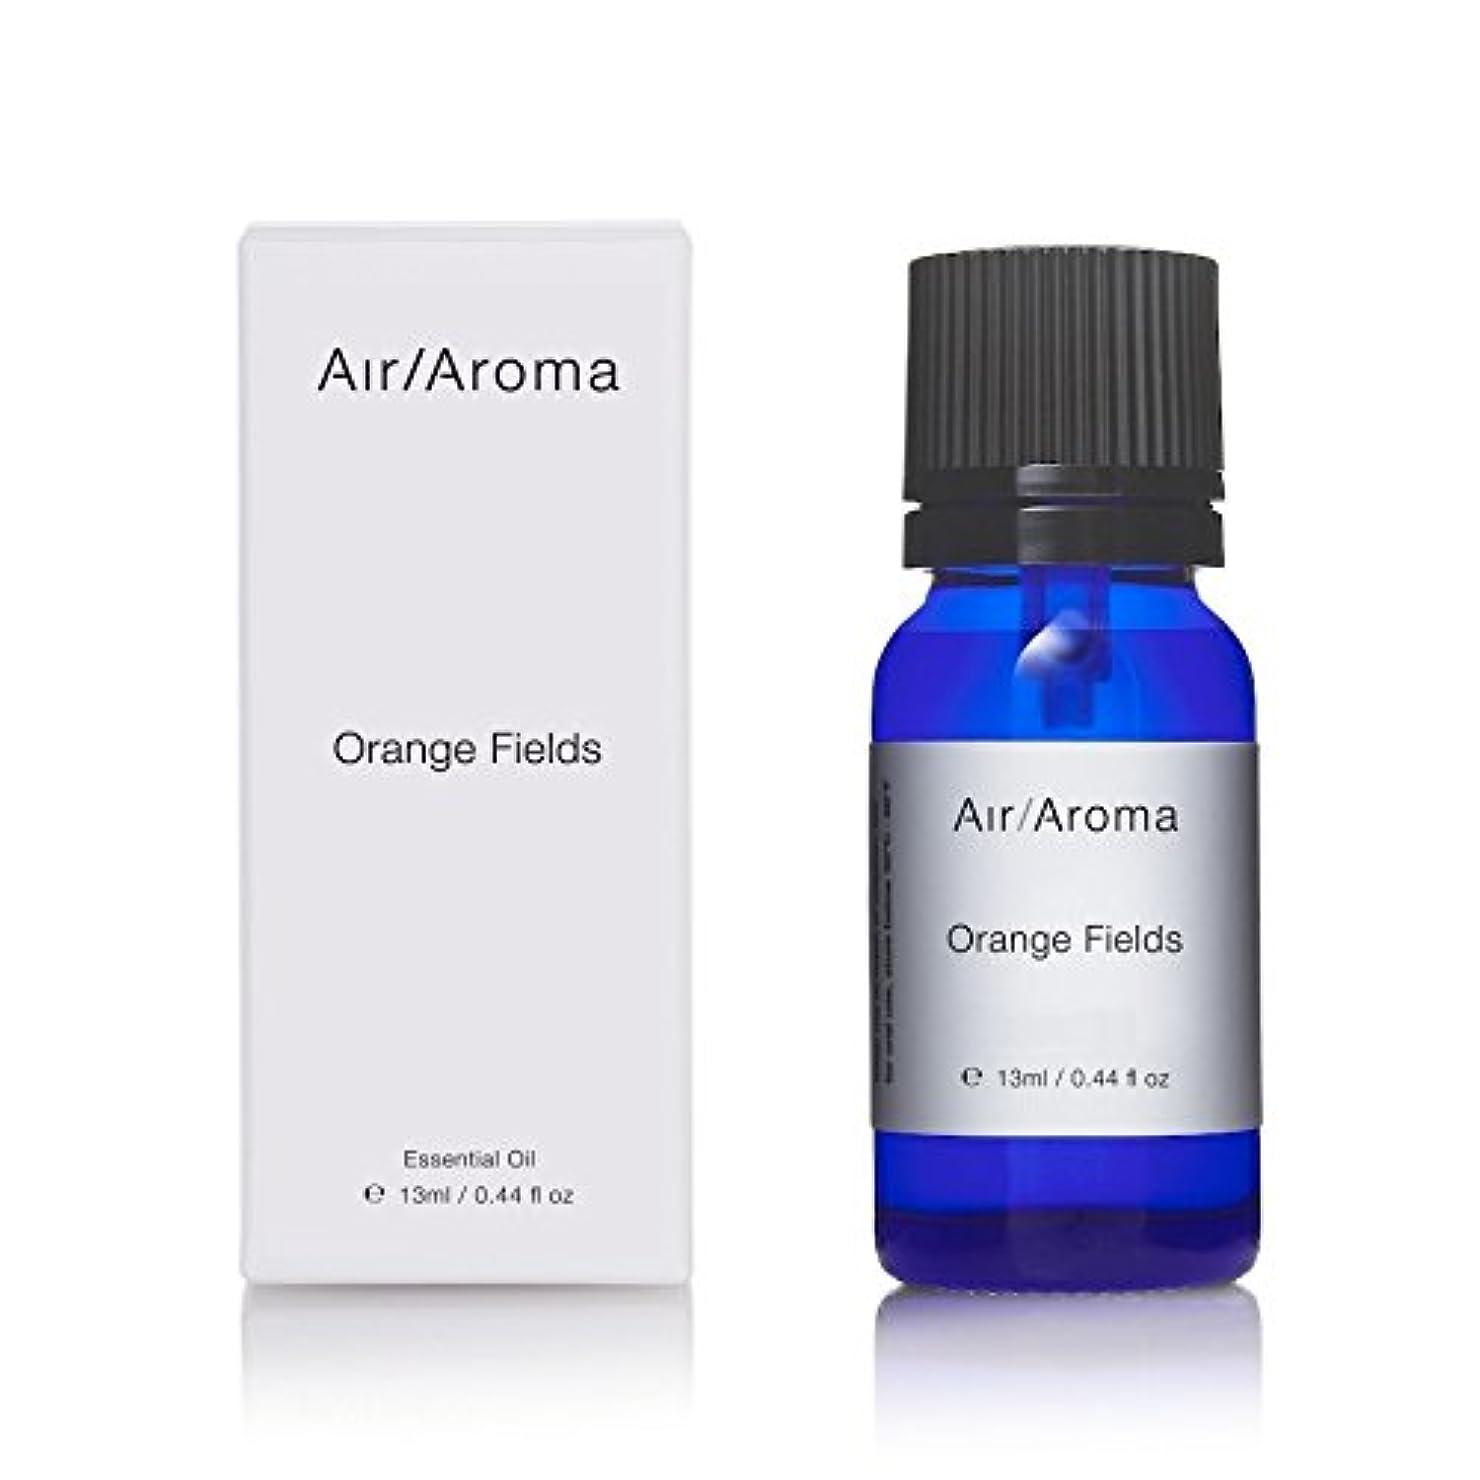 クック居住者中級エアアロマ orange fields (オレンジフィールド) 13ml